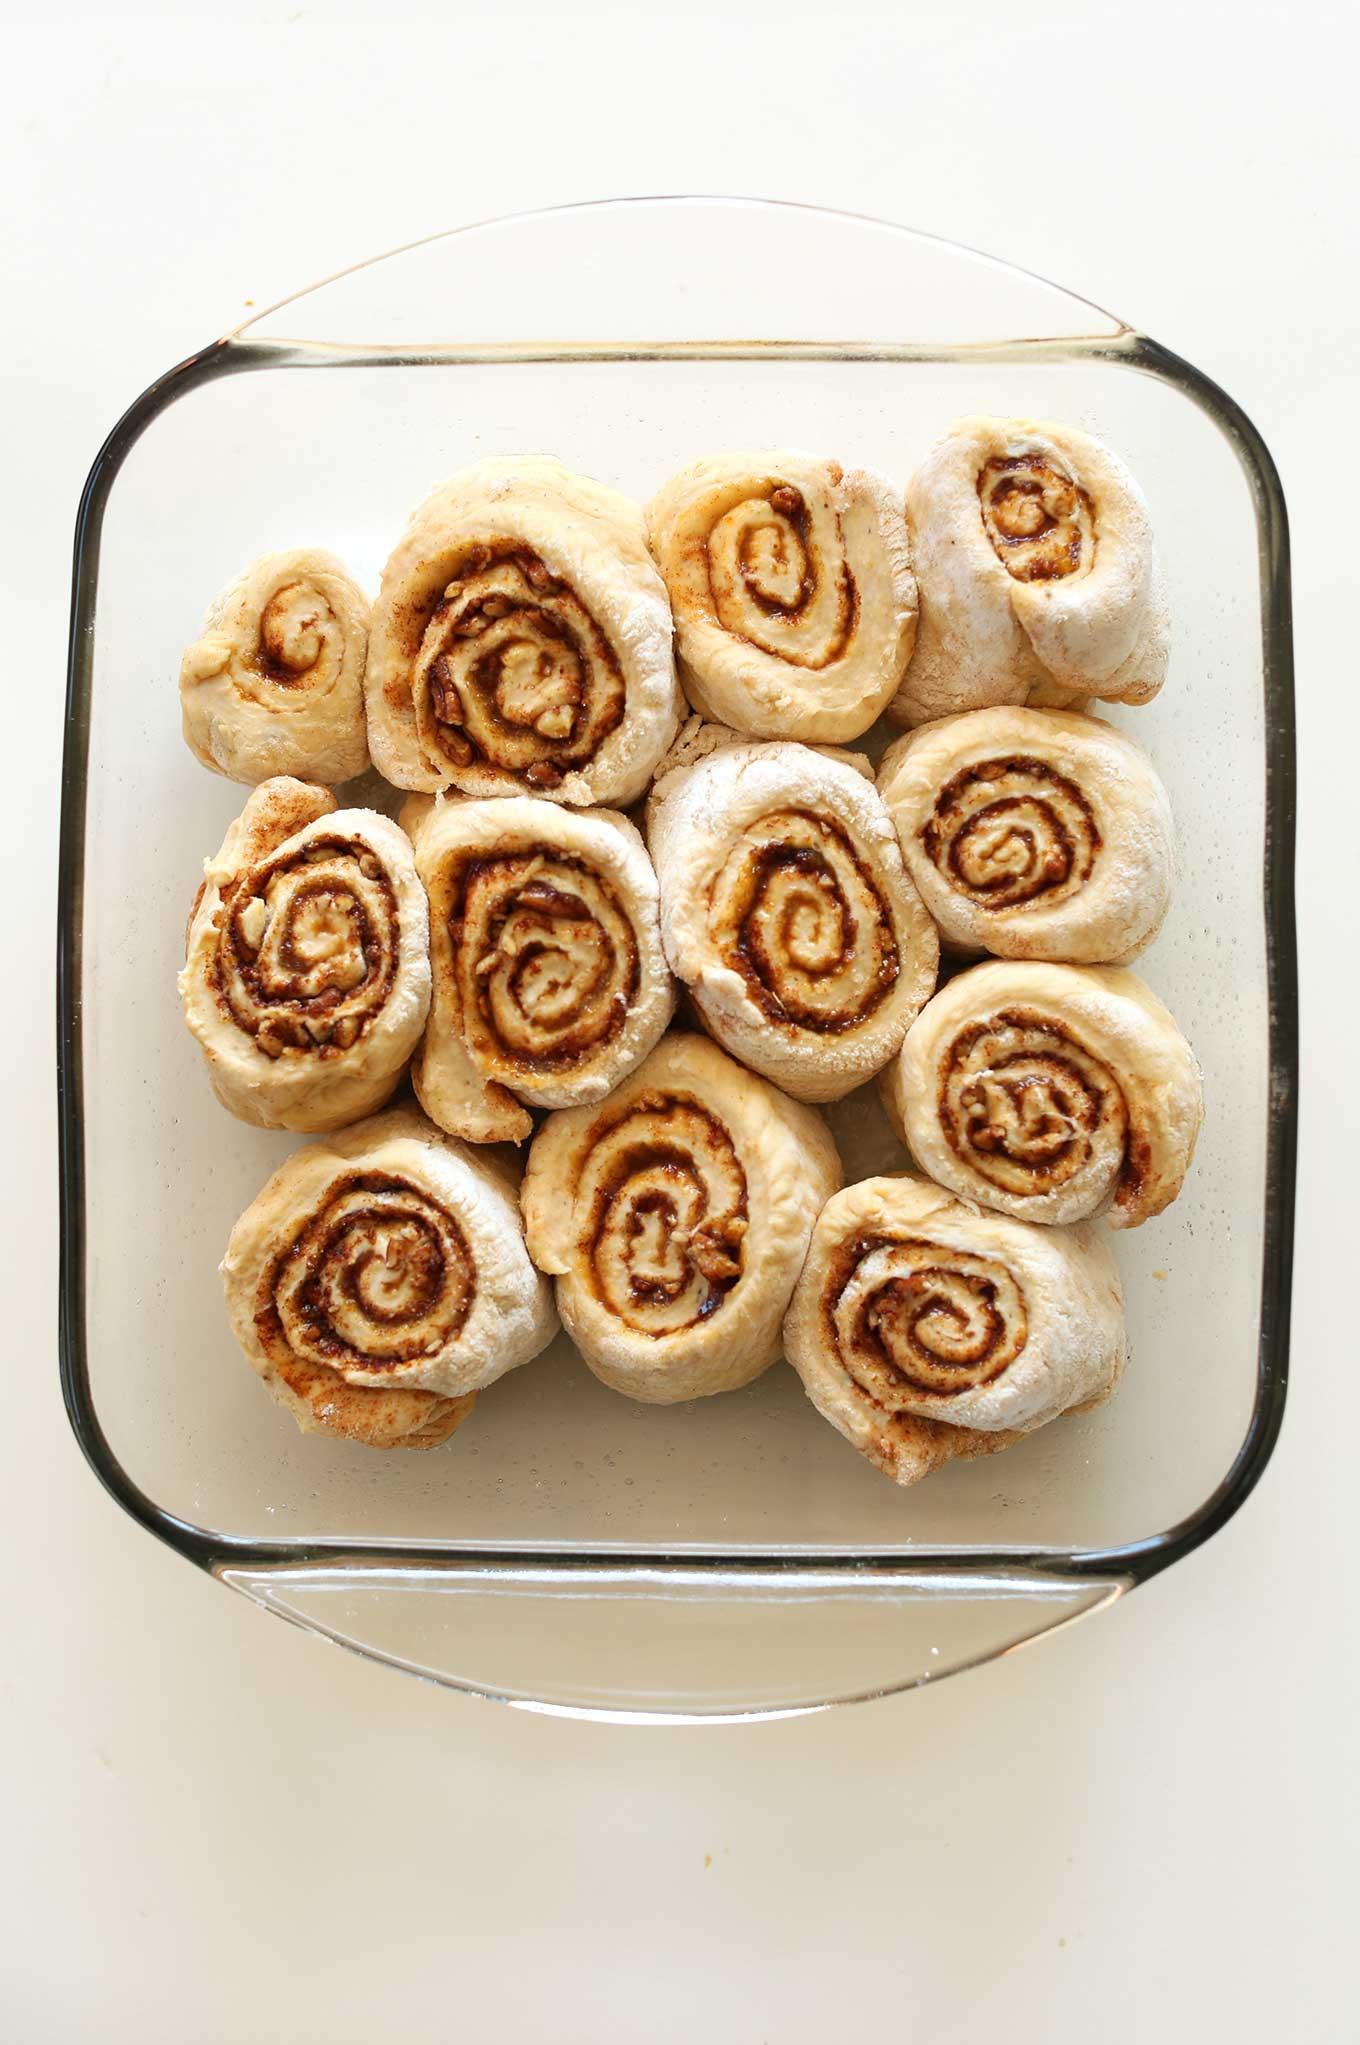 Baking pan filled with ready-to-bake Vegan Pumpkin Cinnamon Rolls